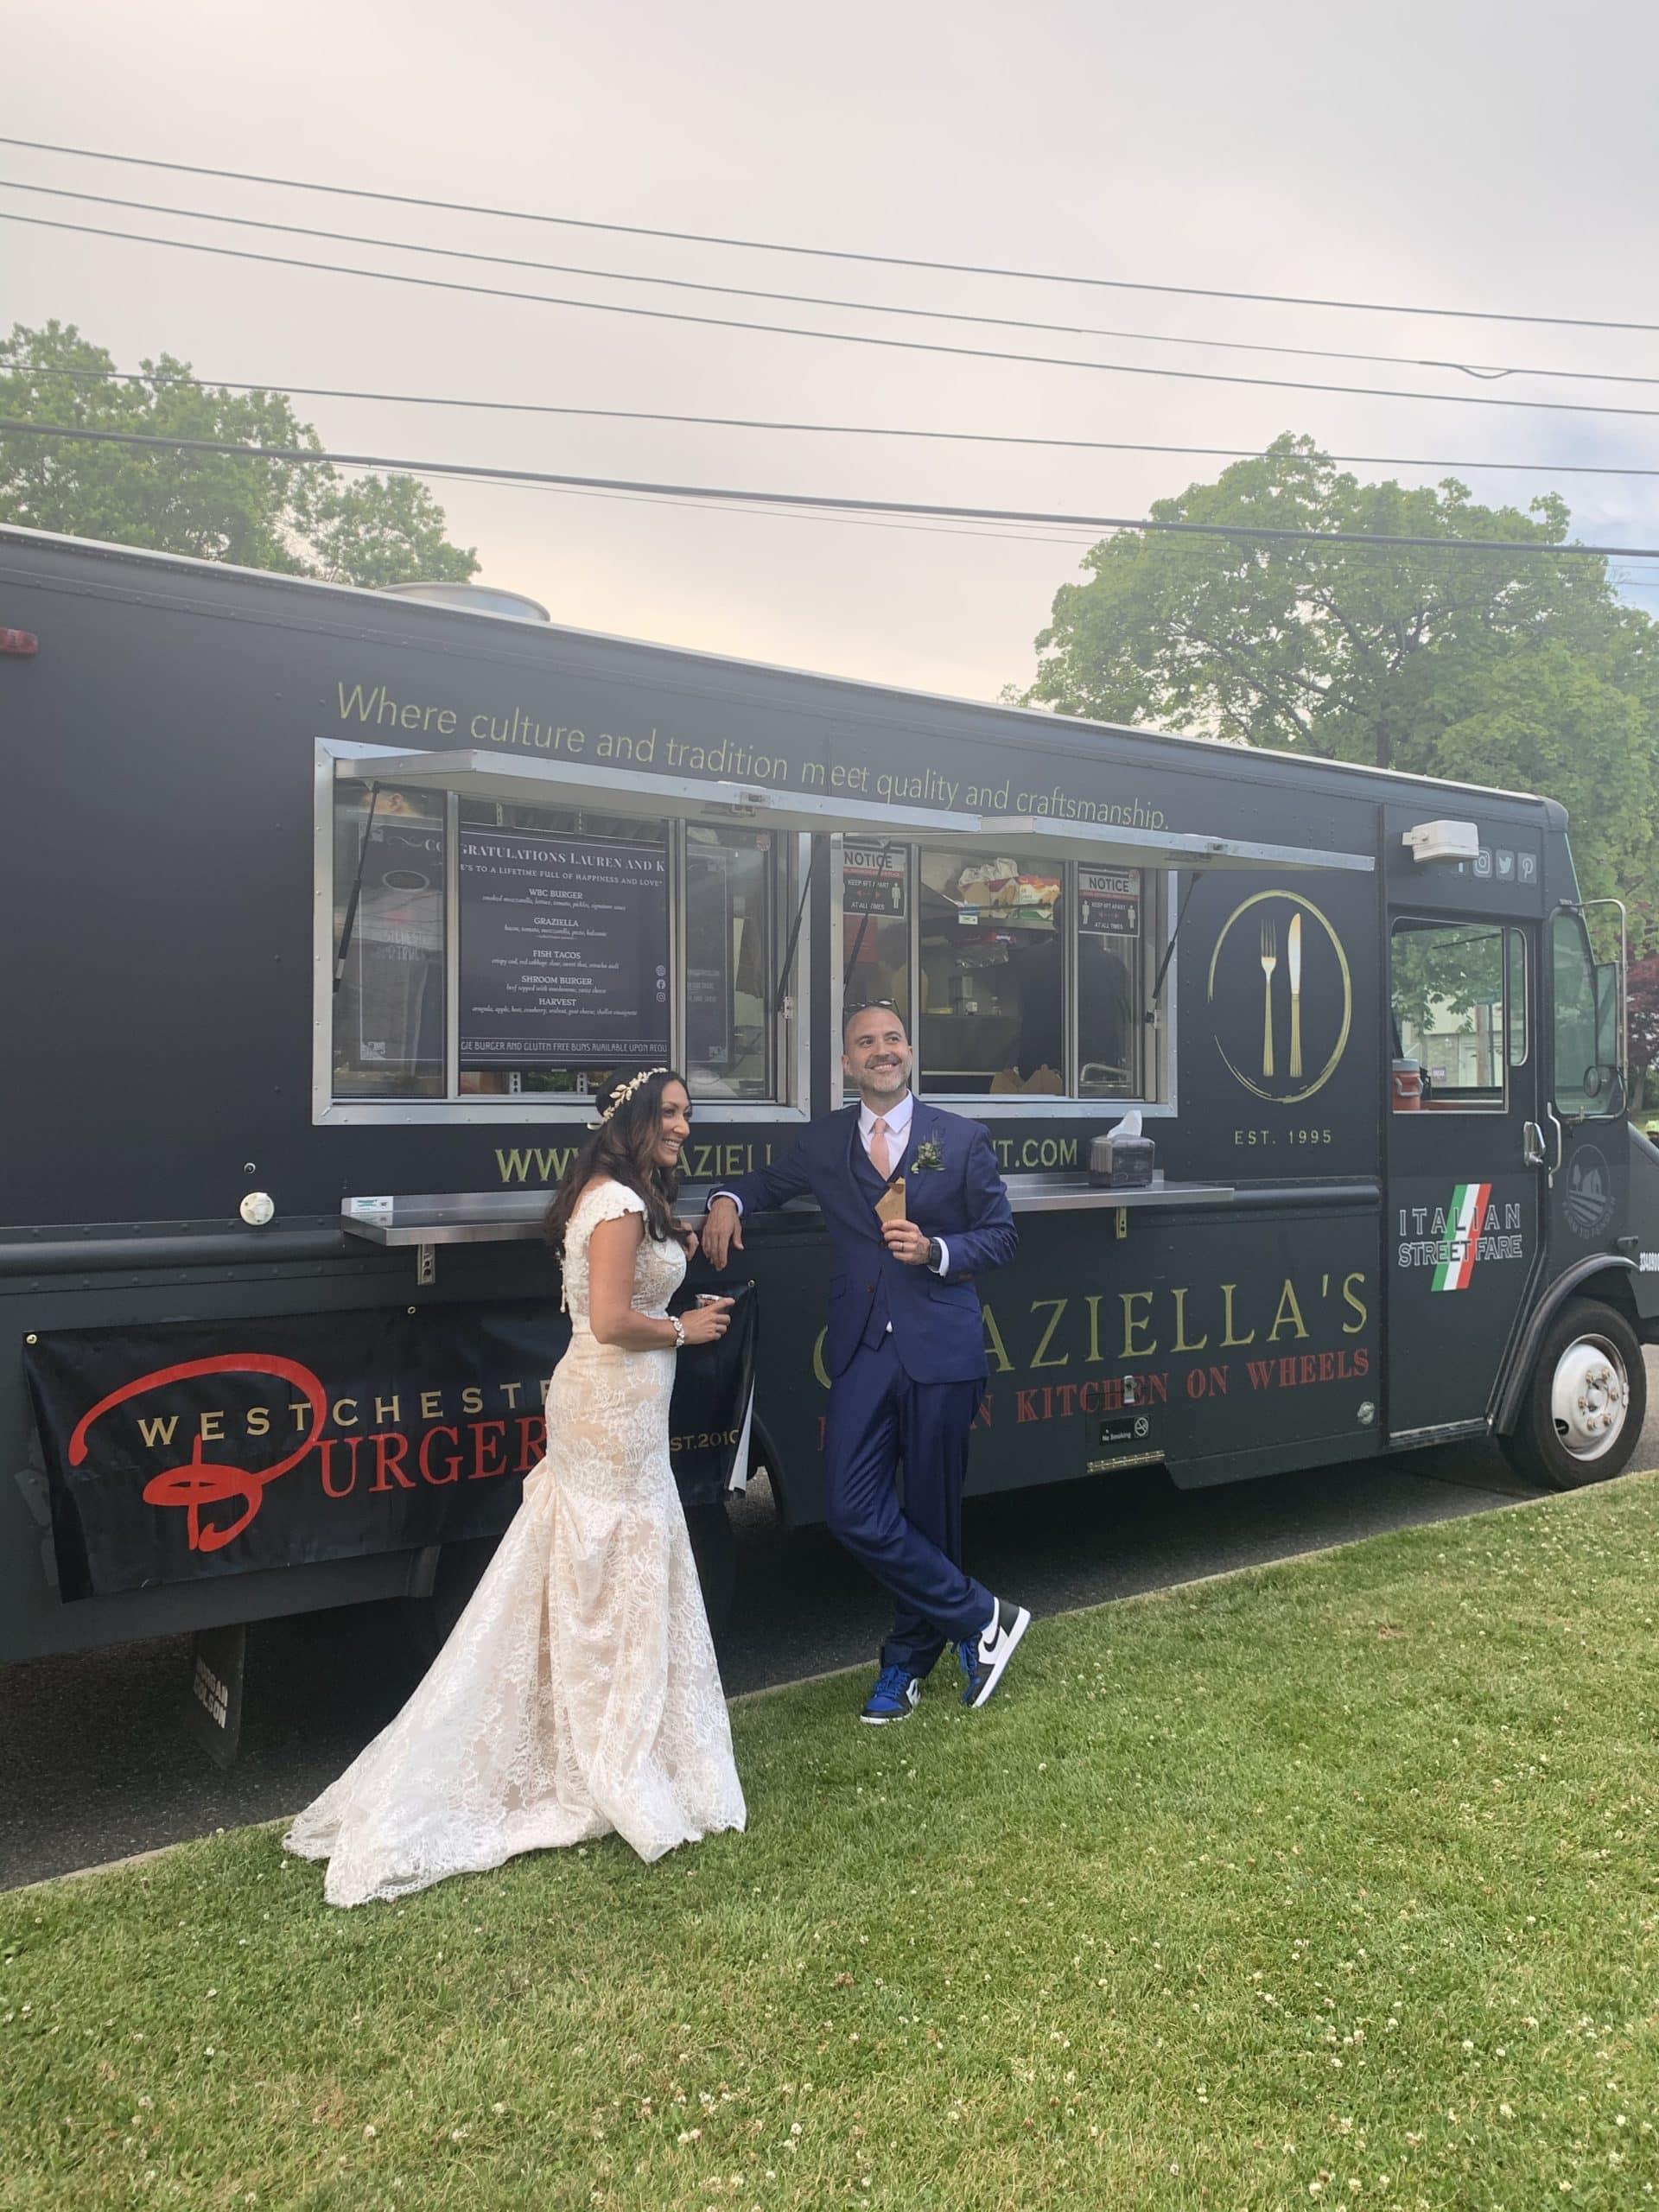 Graziella's Food Truck Catering